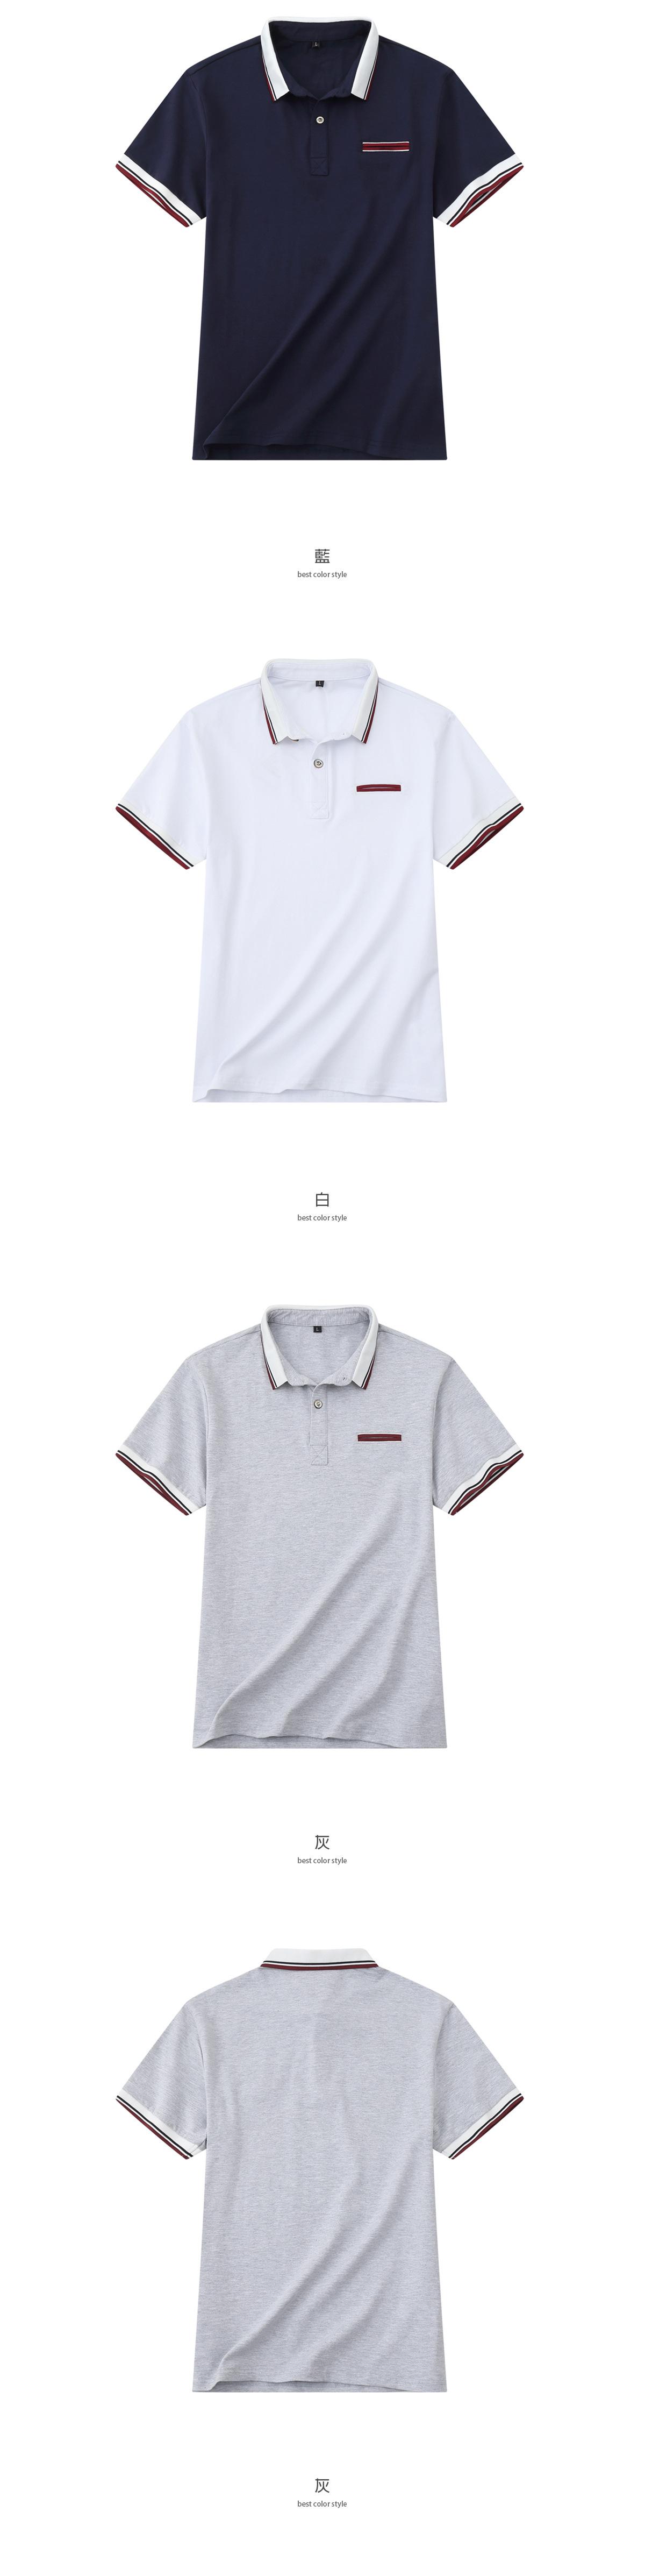 撞色條紋修身短袖POLO衫